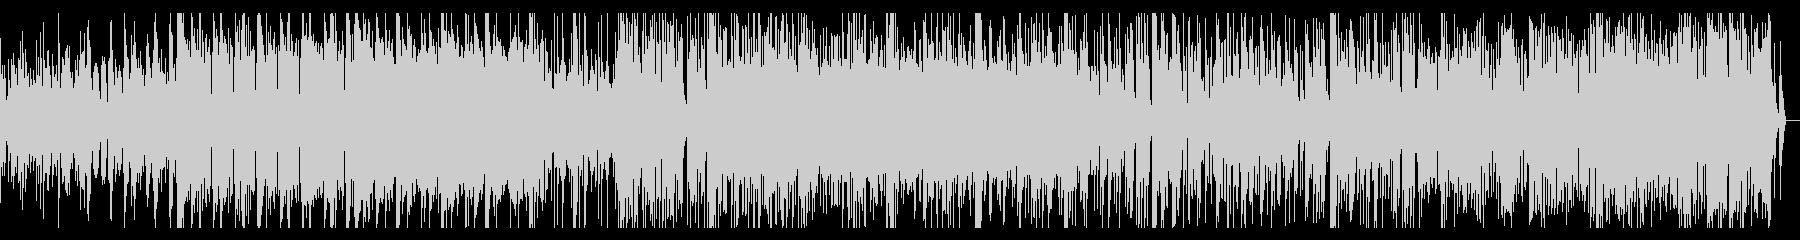 グリッジの効いたノスタルジックなIDMの未再生の波形